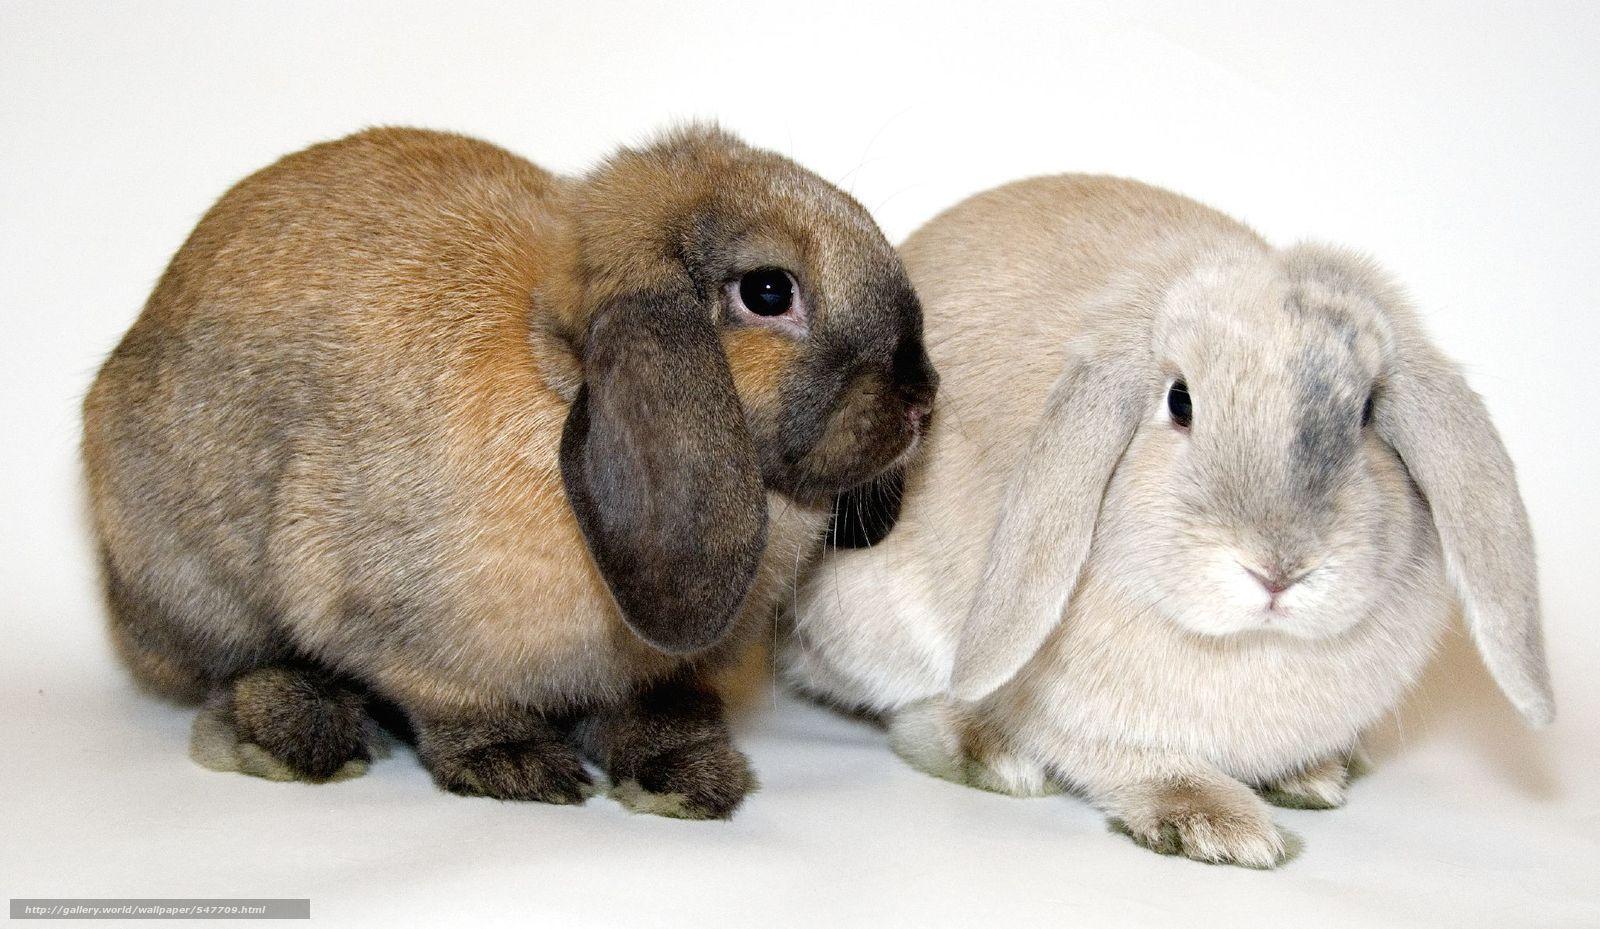 Tlcharger Fond d'ecran Lapins,  Pliez,  animaux Fonds d'ecran gratuits pour votre rsolution du bureau 2048x1189 — image №547709